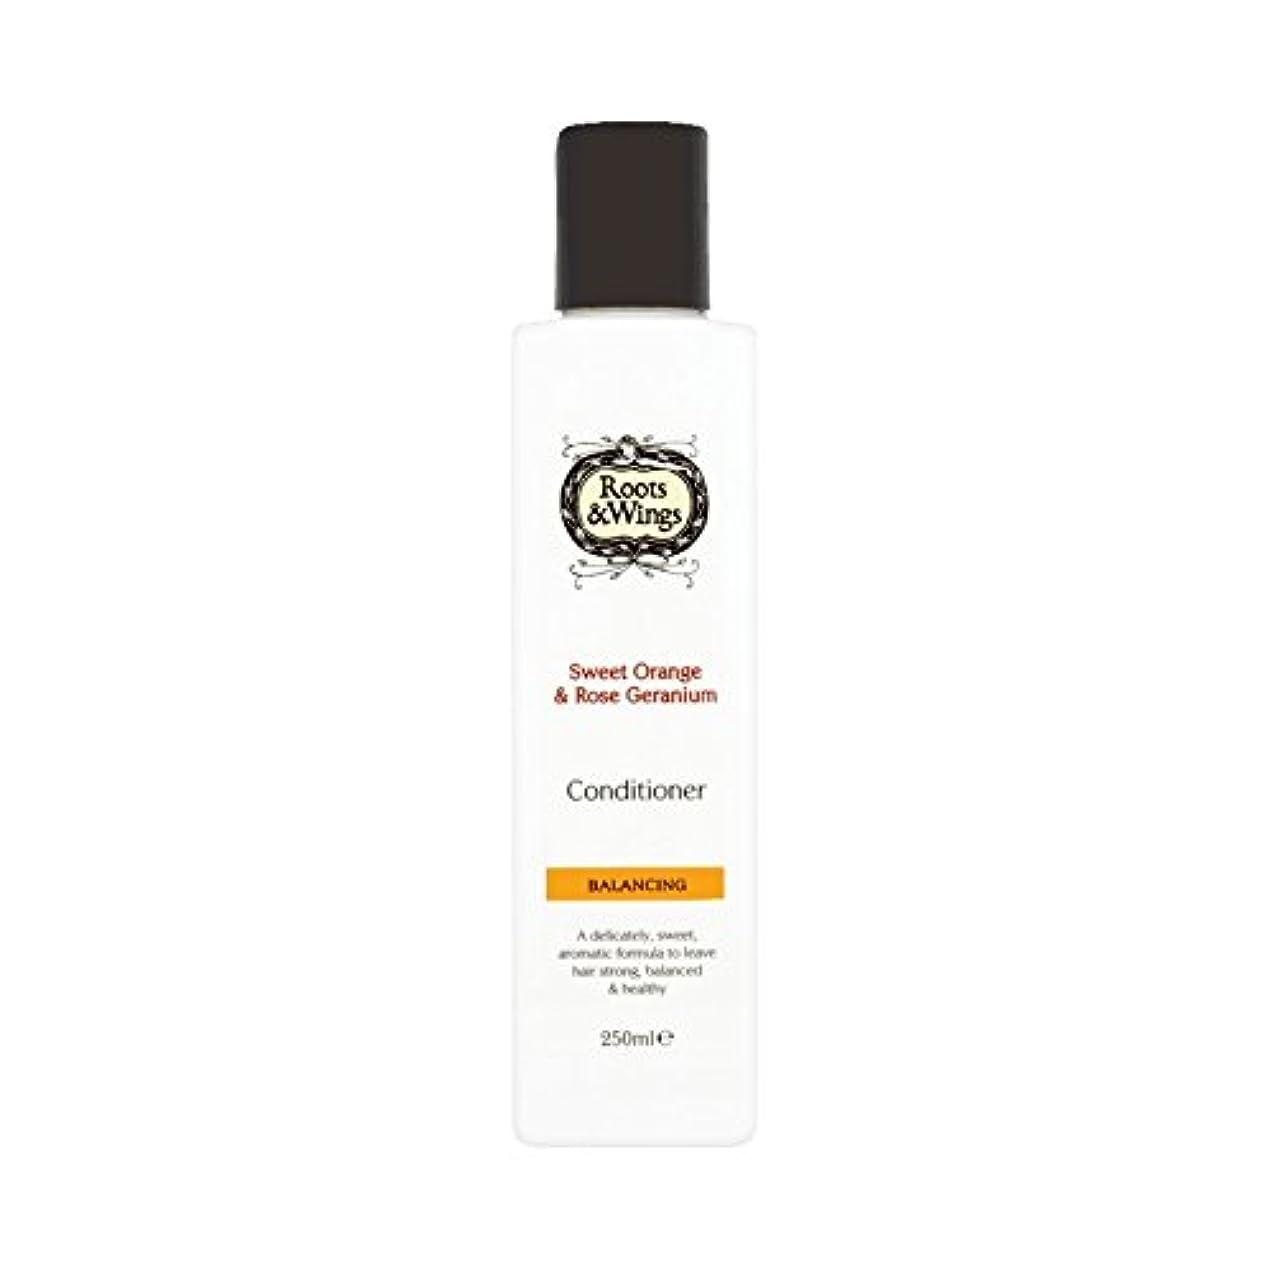 懲らしめ狭い代替Roots & Wings Conditioner Sweet Orange & Rose Geranium 250ml (Pack of 6) - ルーツ&翼は甘いオレンジ、コンディショナー&ゼラニウム250ミリリットル...